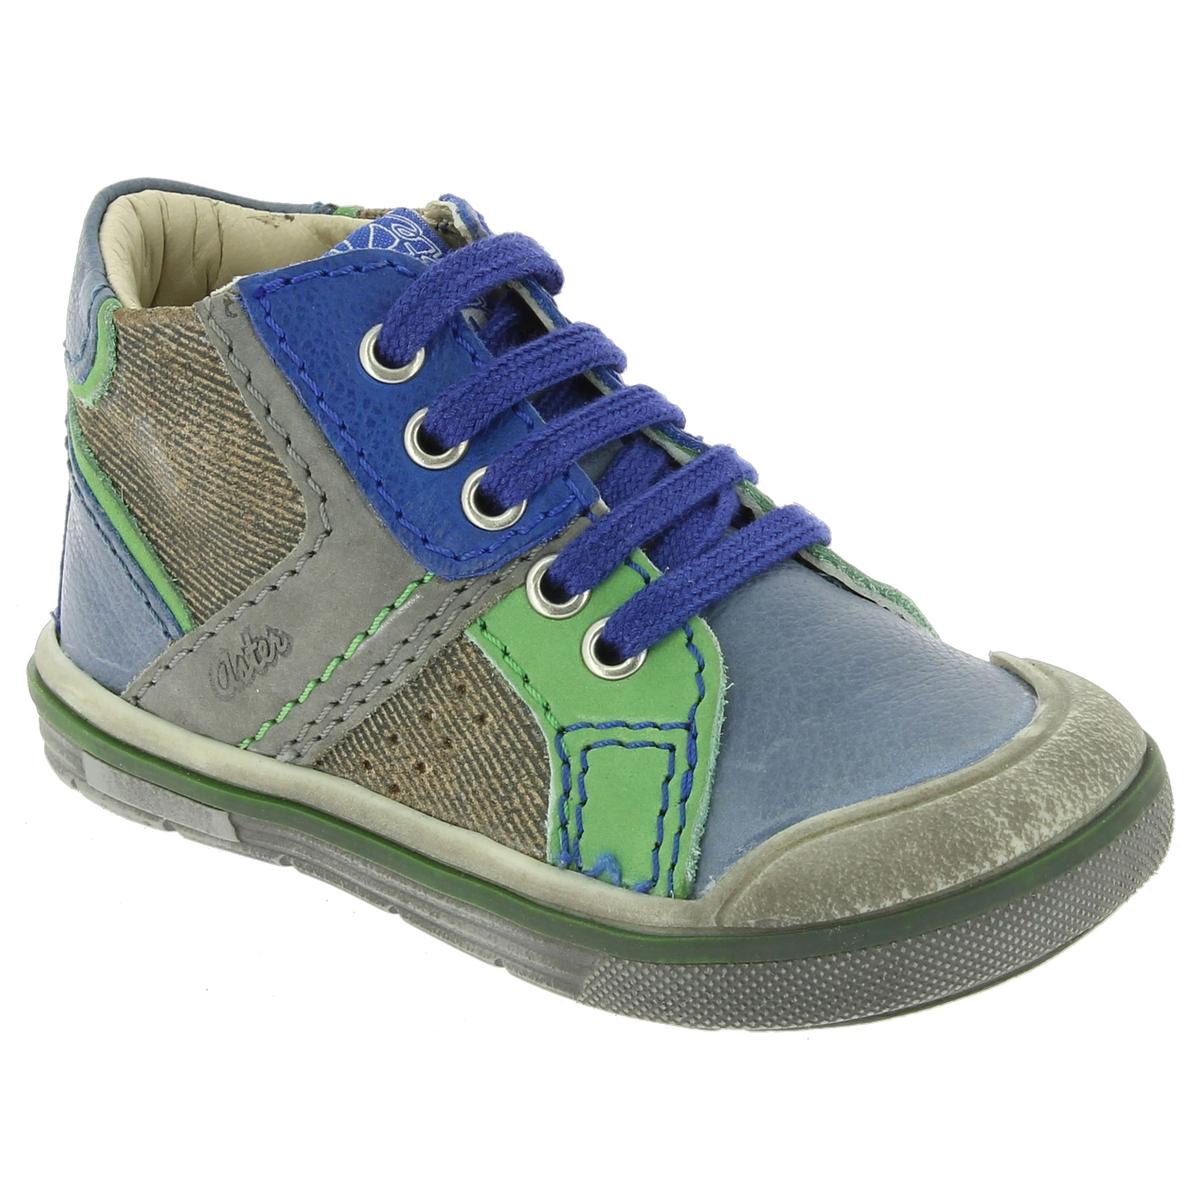 Кеды высокие DribbleПодкладка : Неотделанная кожа           Стелька : Неотделанная кожа                        Подошва : Синтетический материал         Форма каблука : Плоская          Мысок : Закругленный         Застежка : Шнуровка<br><br>Цвет: синий/ зеленый<br>Размер: 21